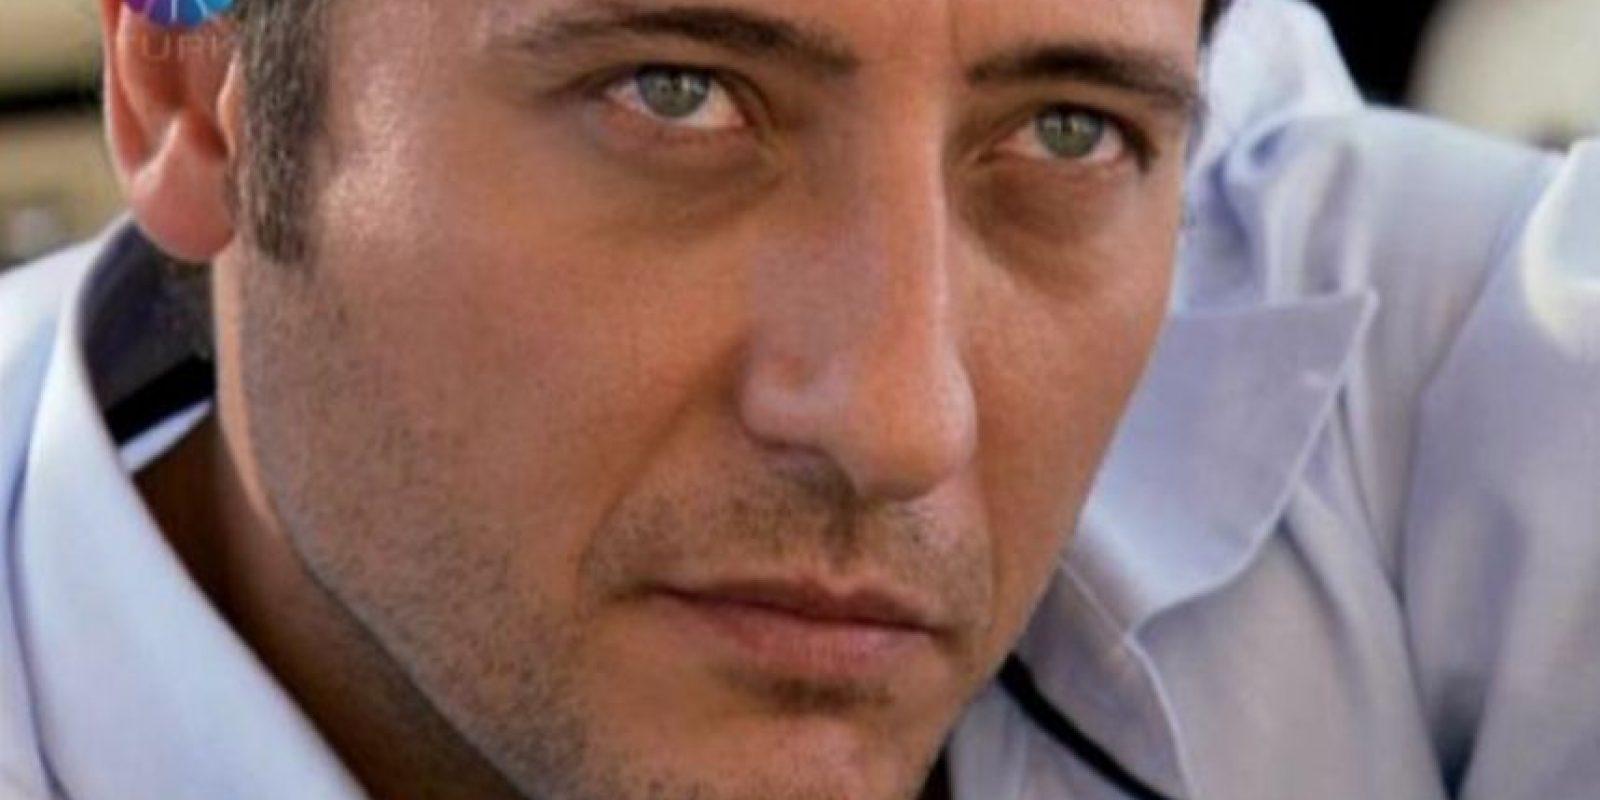 """""""Cengiz Atay"""" fue interpretado por Yiğit Özşener. Cengiz traicionó a Ömer y se casó con Eyşan. Es el gran villano de la telenovela. Foto:vía Show TV"""